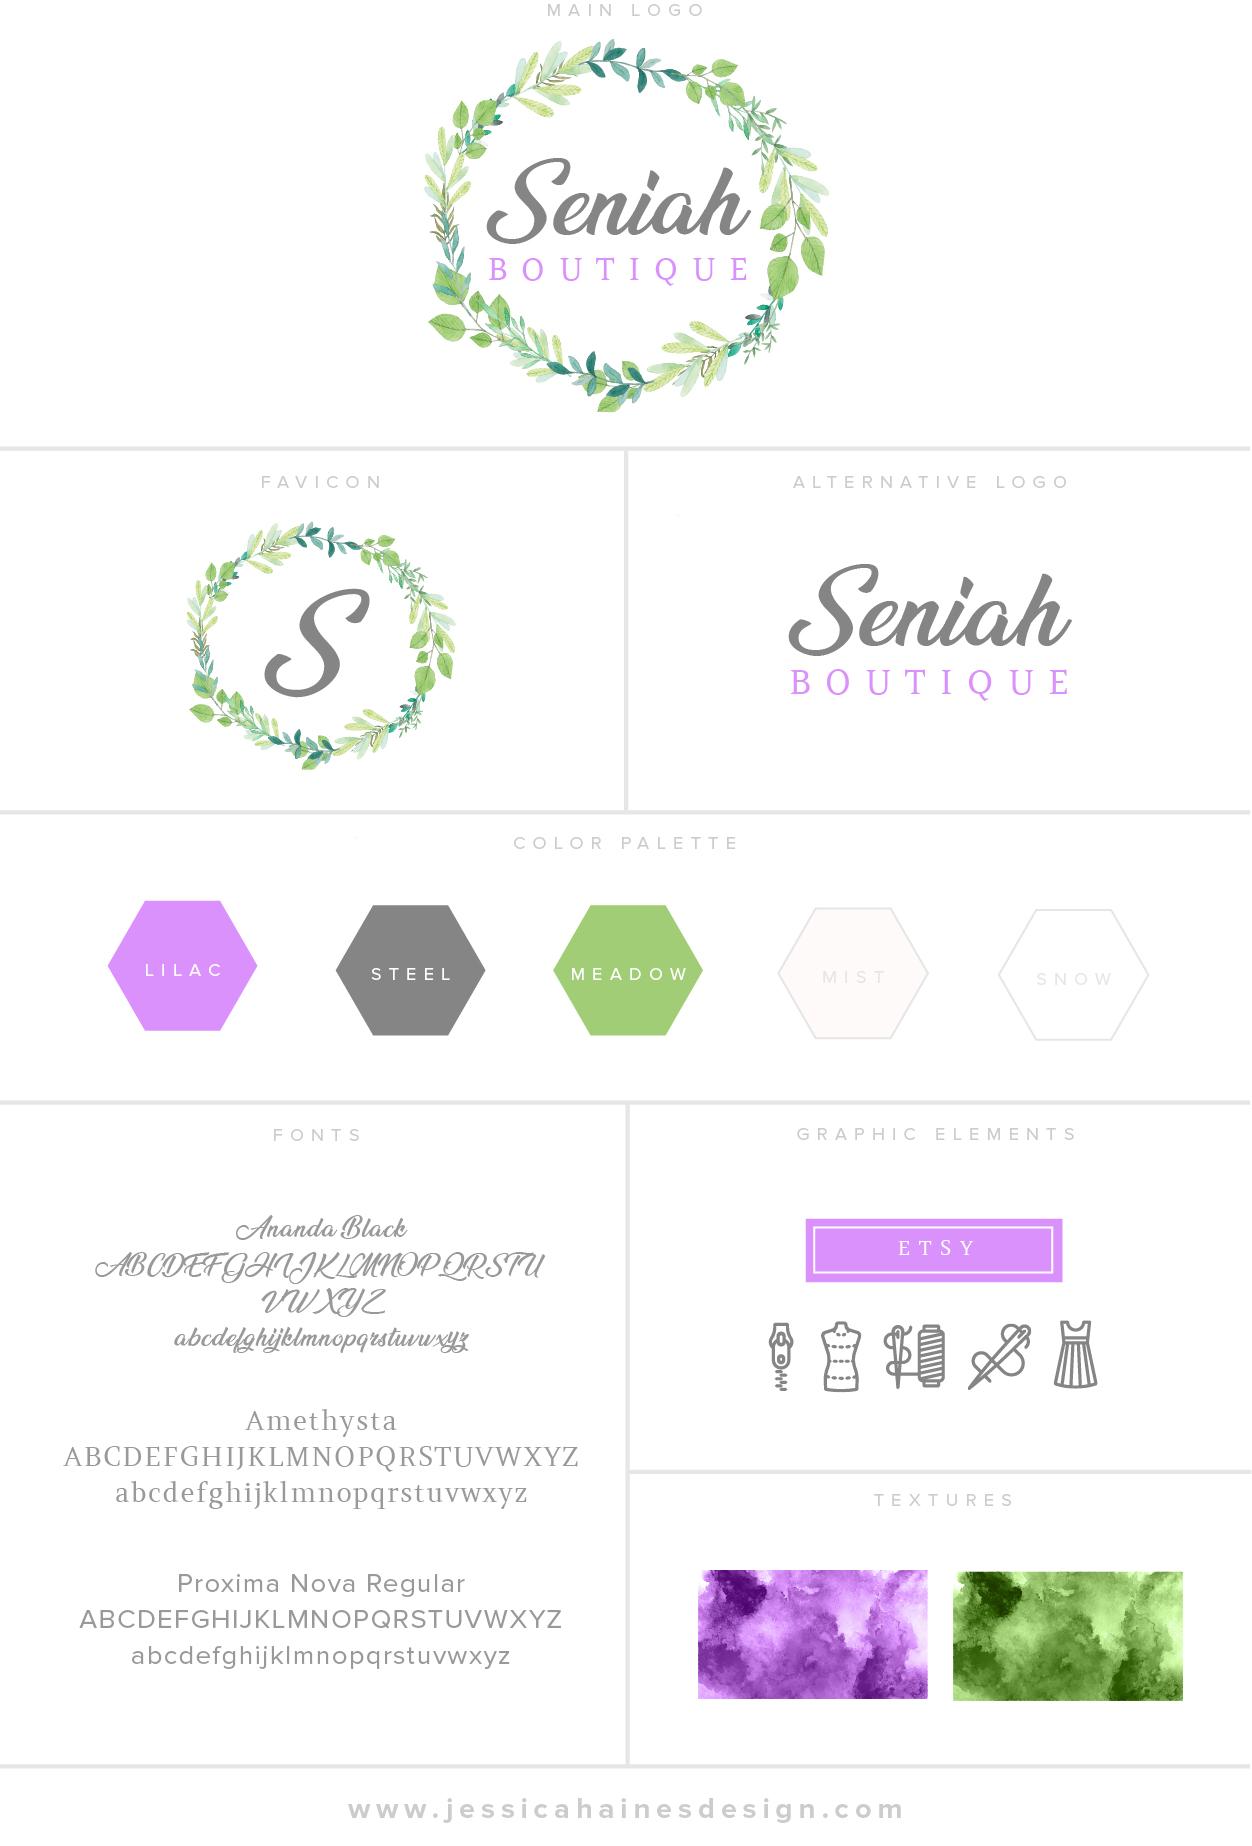 Seniah-Boutique-Branding-Style-Board.jpg